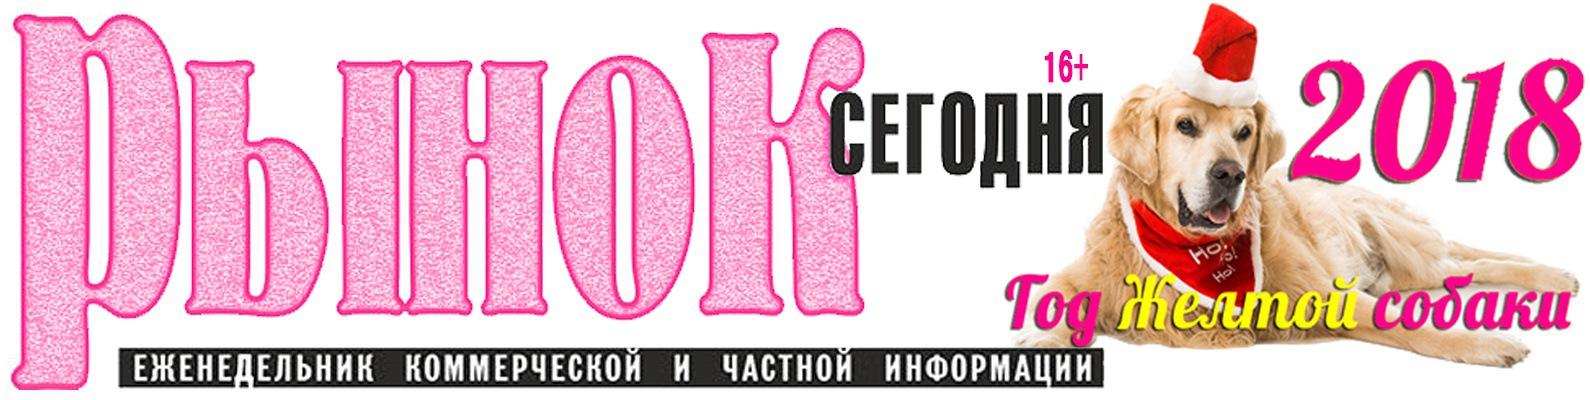 Рынок глазов подать объявление частные объявления девушки по вызову в иркутске